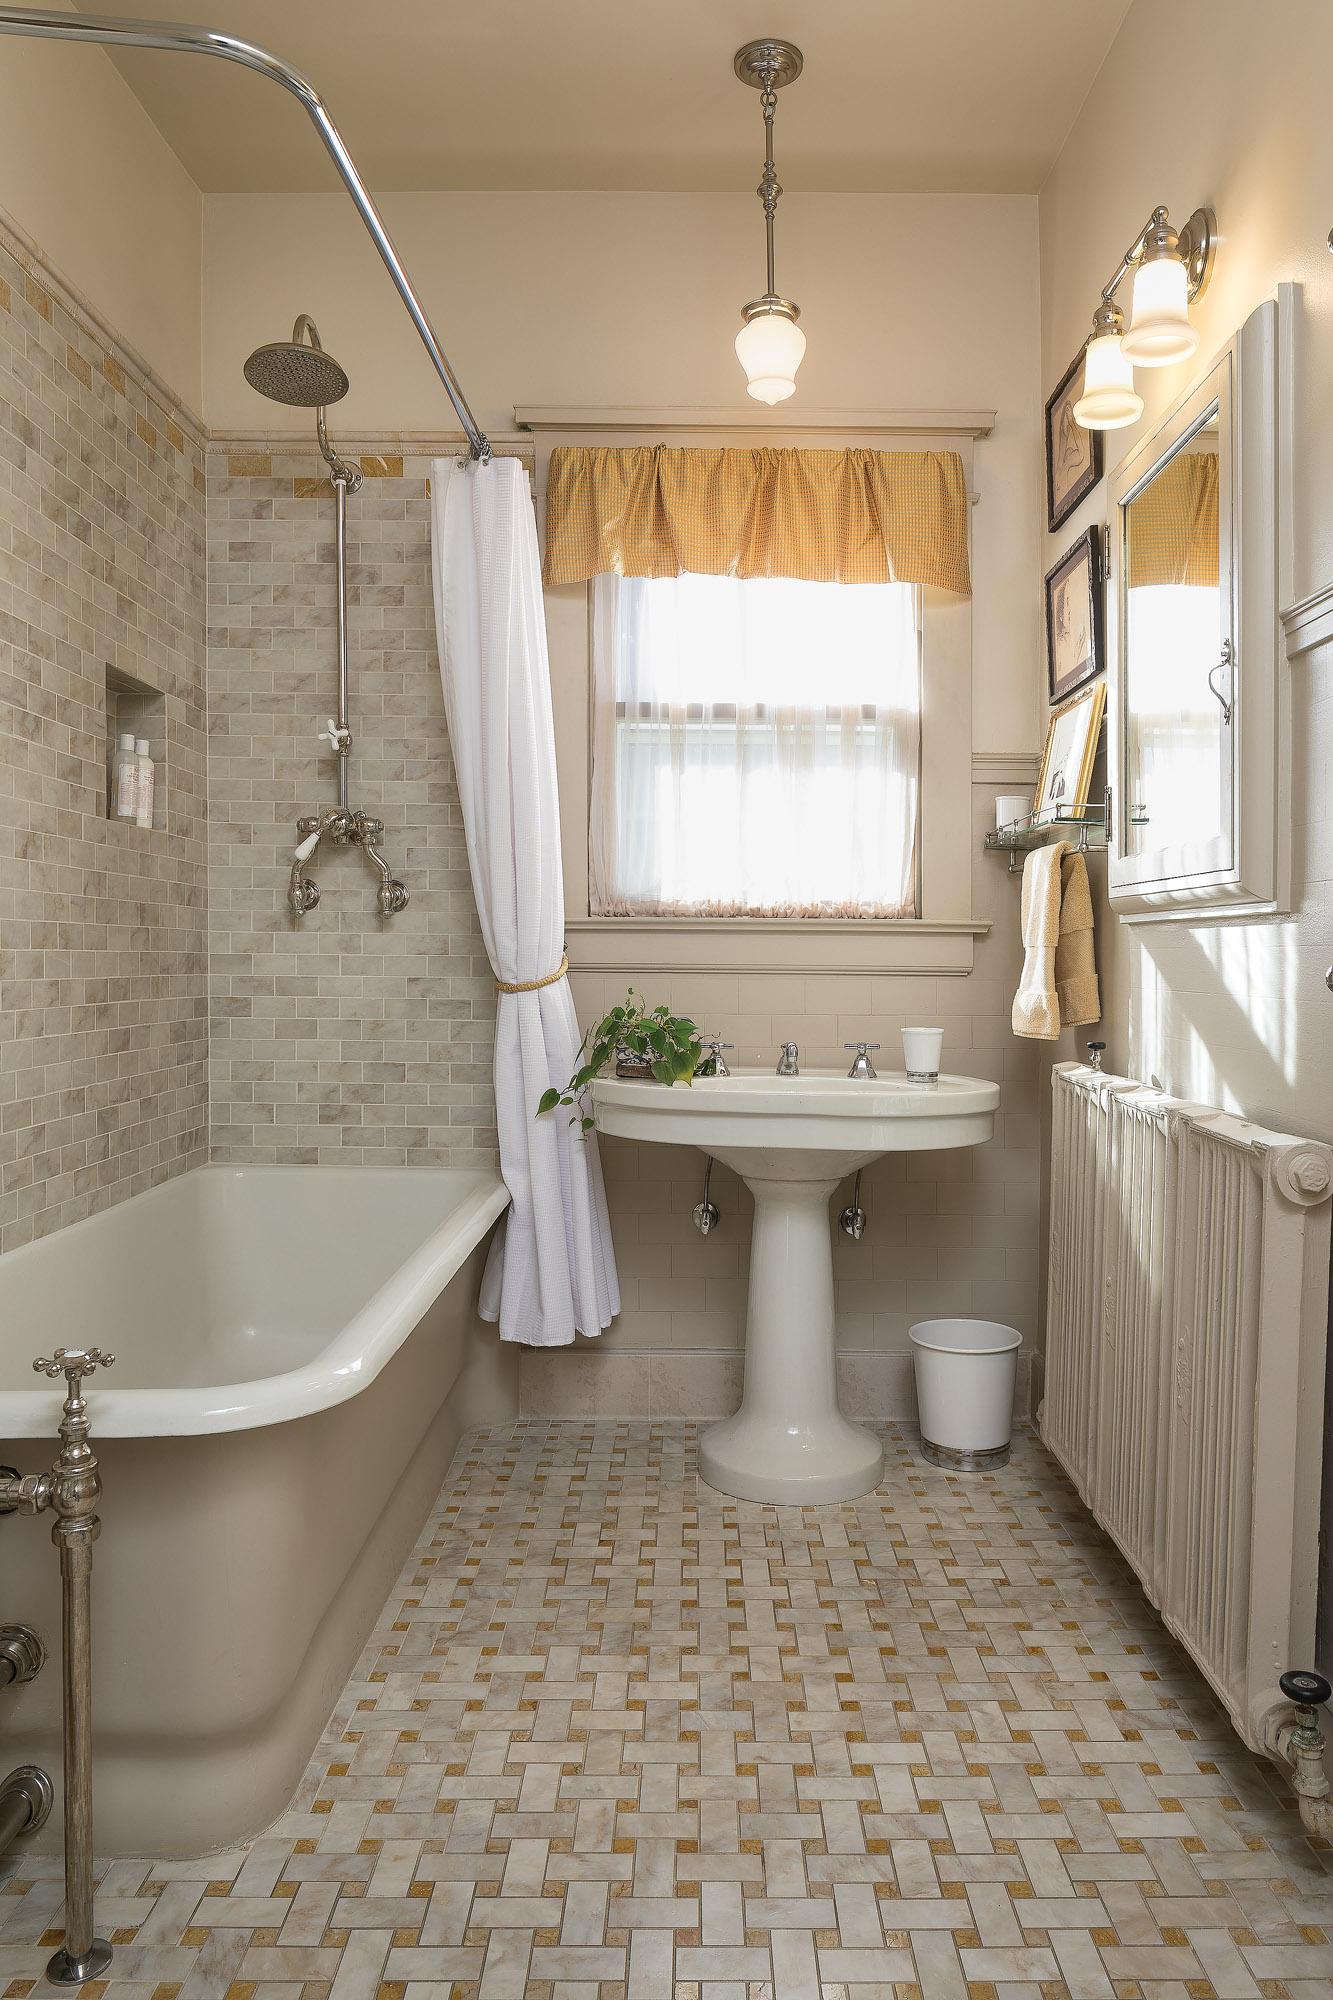 bath orig 20191029_ohj_rwhc_178_s